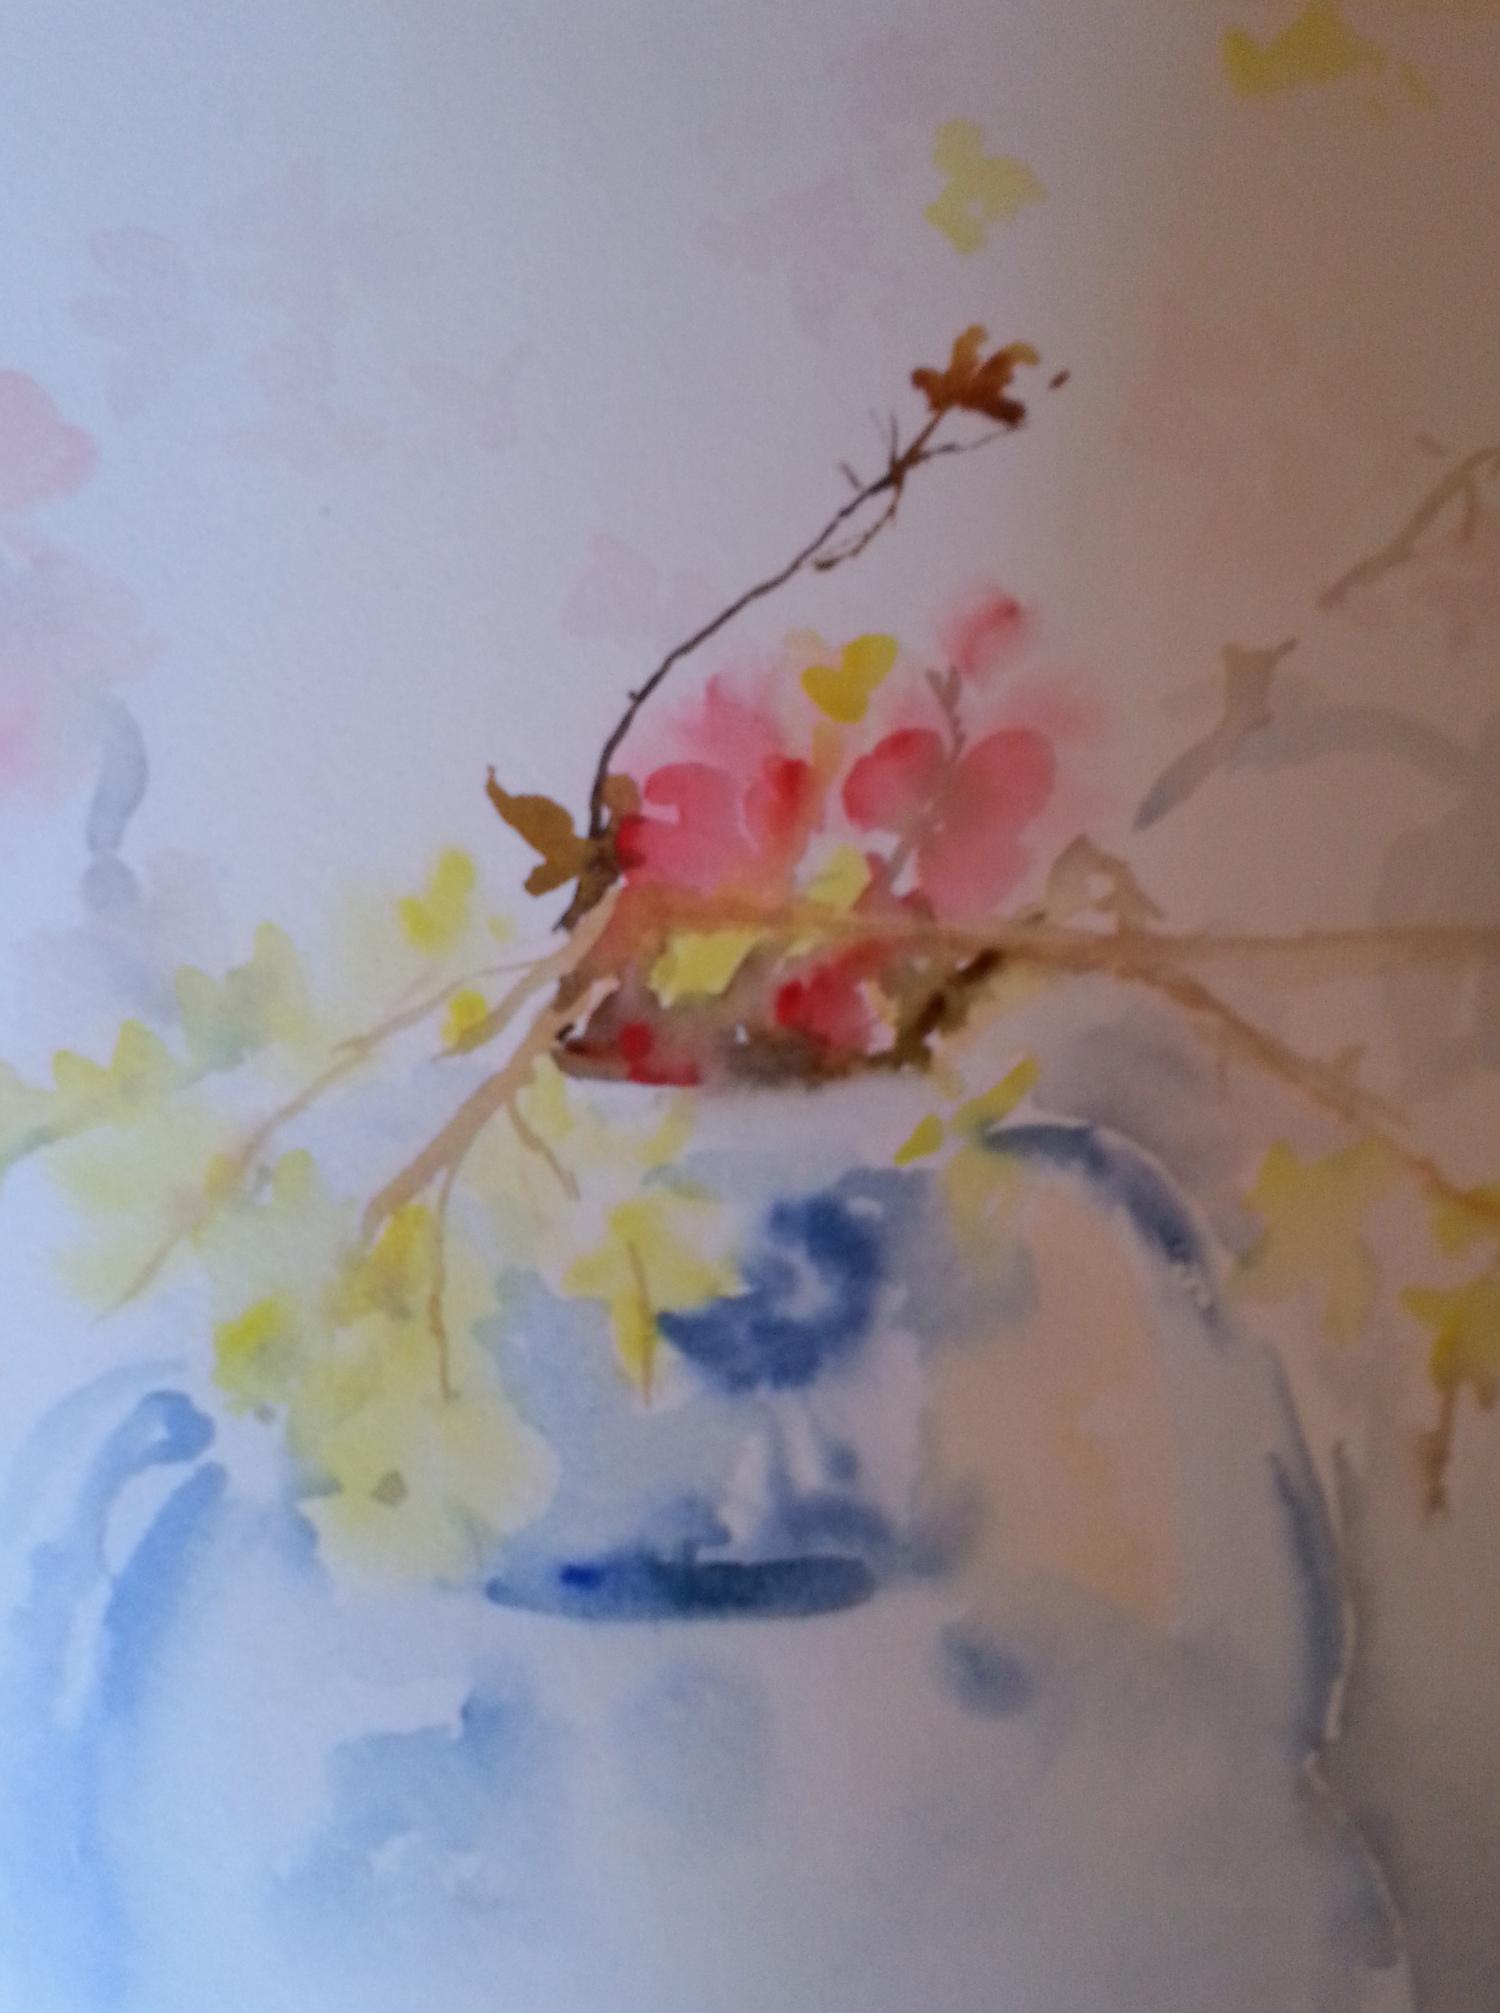 Estabilshing Vase and Flowers